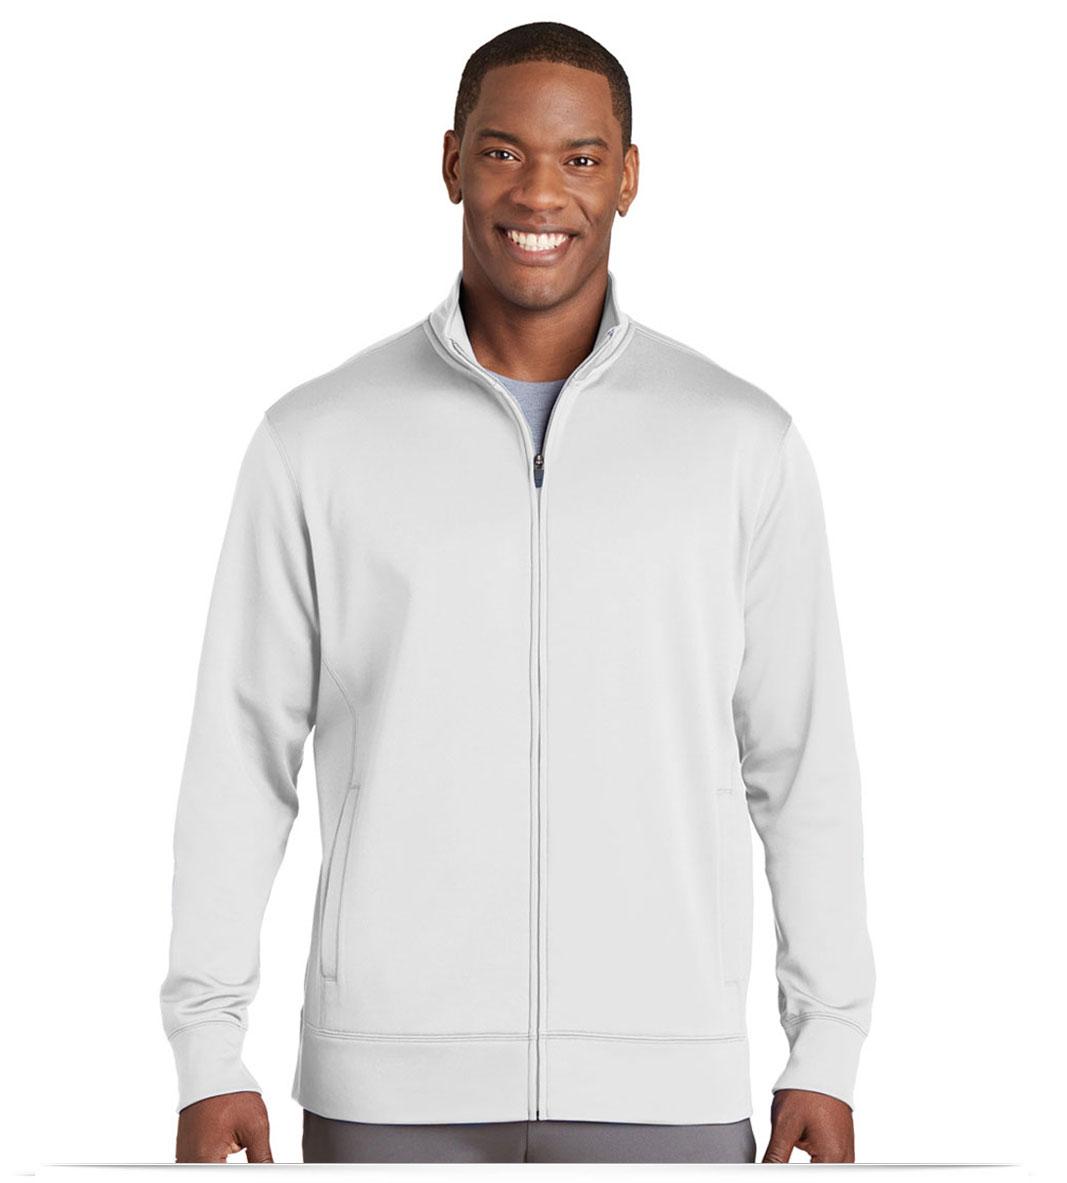 Personalize Logo on Sport-Tek Sport-Wick Fleece Full-Zip Jacket